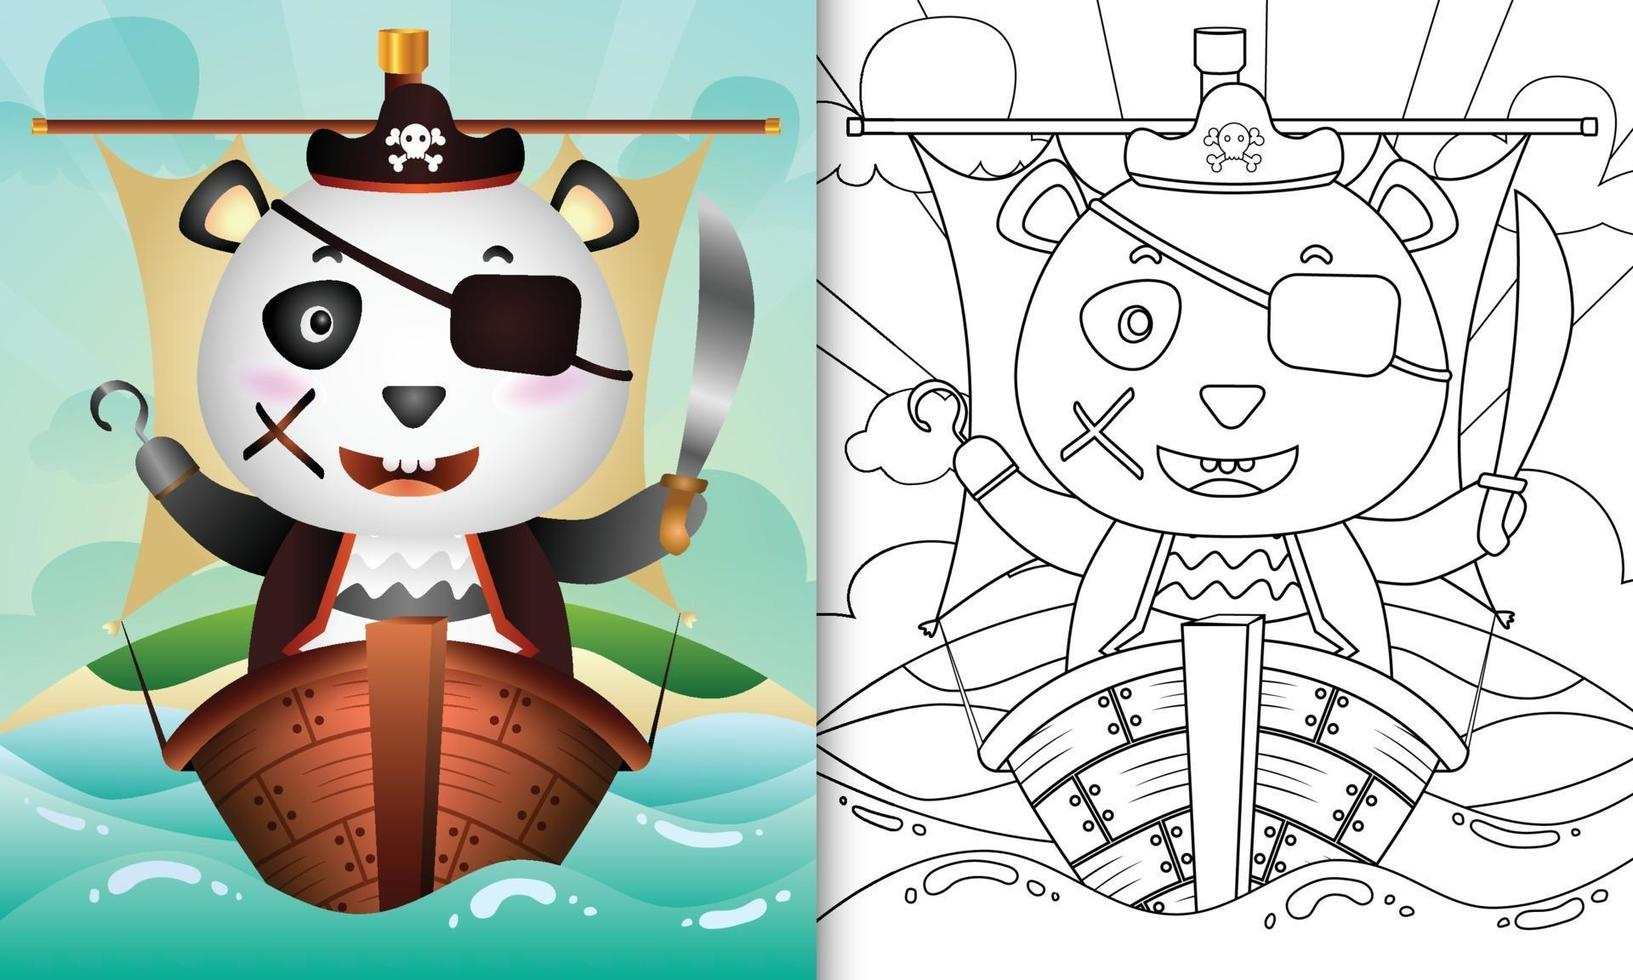 livre de coloriage pour les enfants avec un mignon personnage de panda pirate vecteur